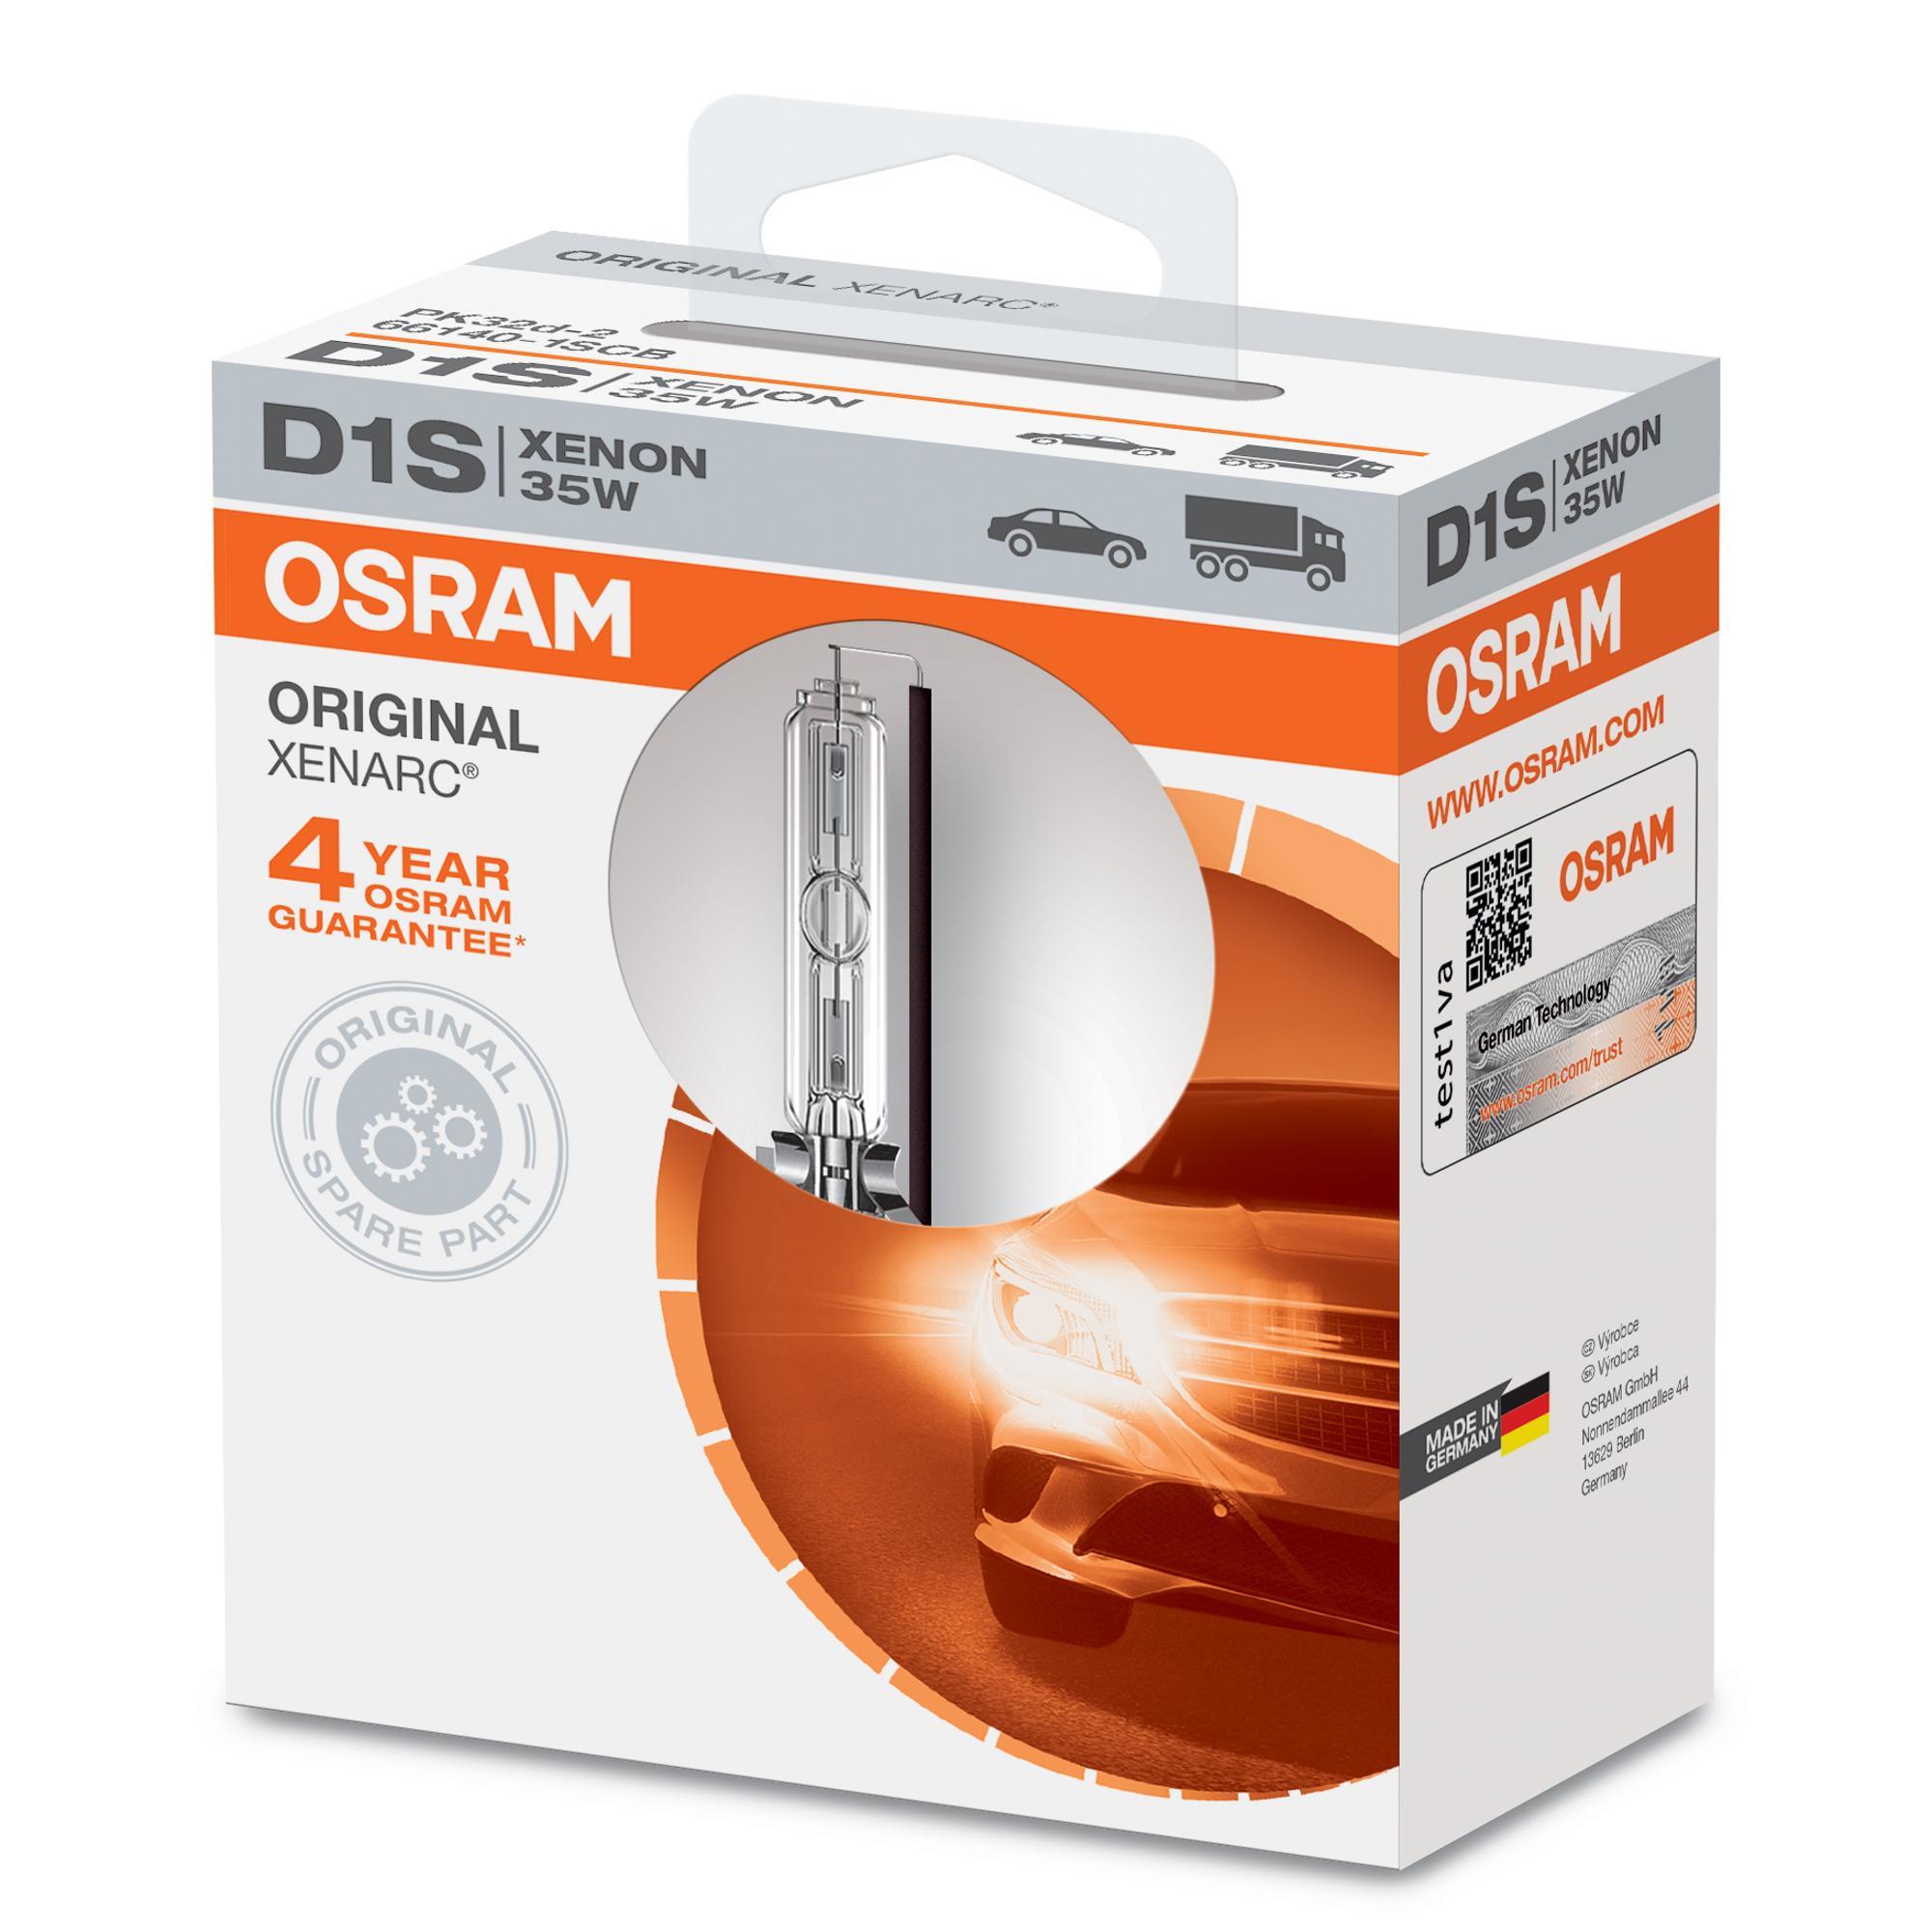 Golf 6 2012 reservdelar: Glödlampa, fjärrstrålkastare OSRAM 66140 — ta vara på ditt erbjudande nu!